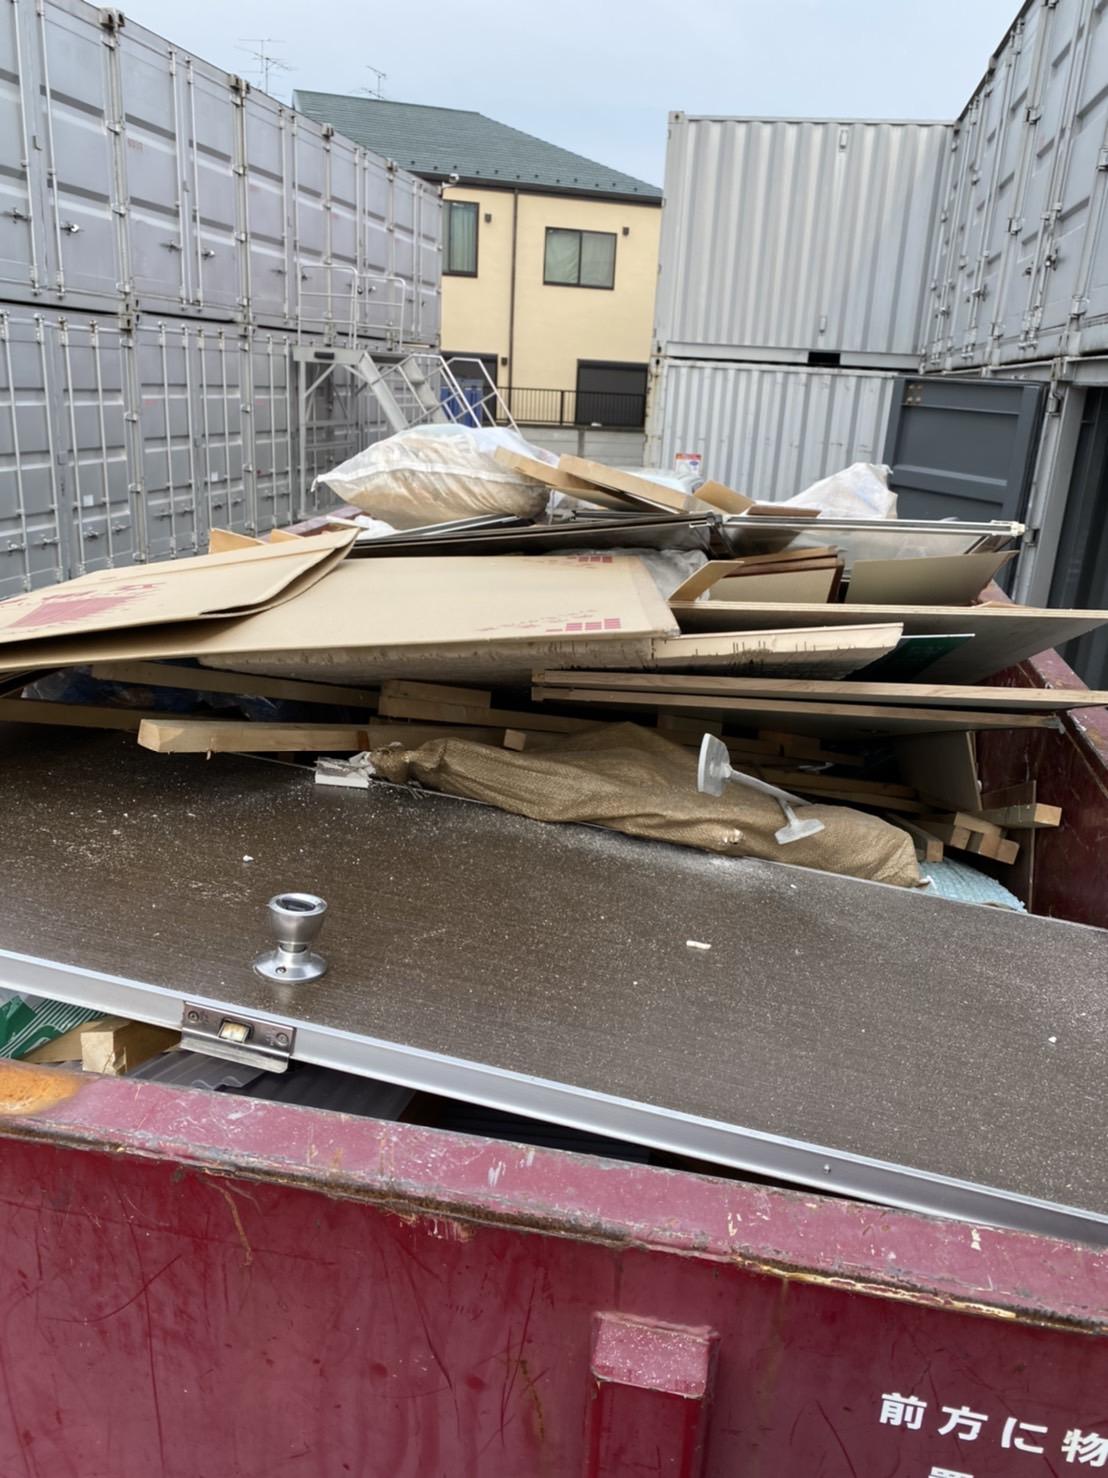 【産業廃棄物の引き取り】建築現場の廃棄物処理を行った事例を紹介します。